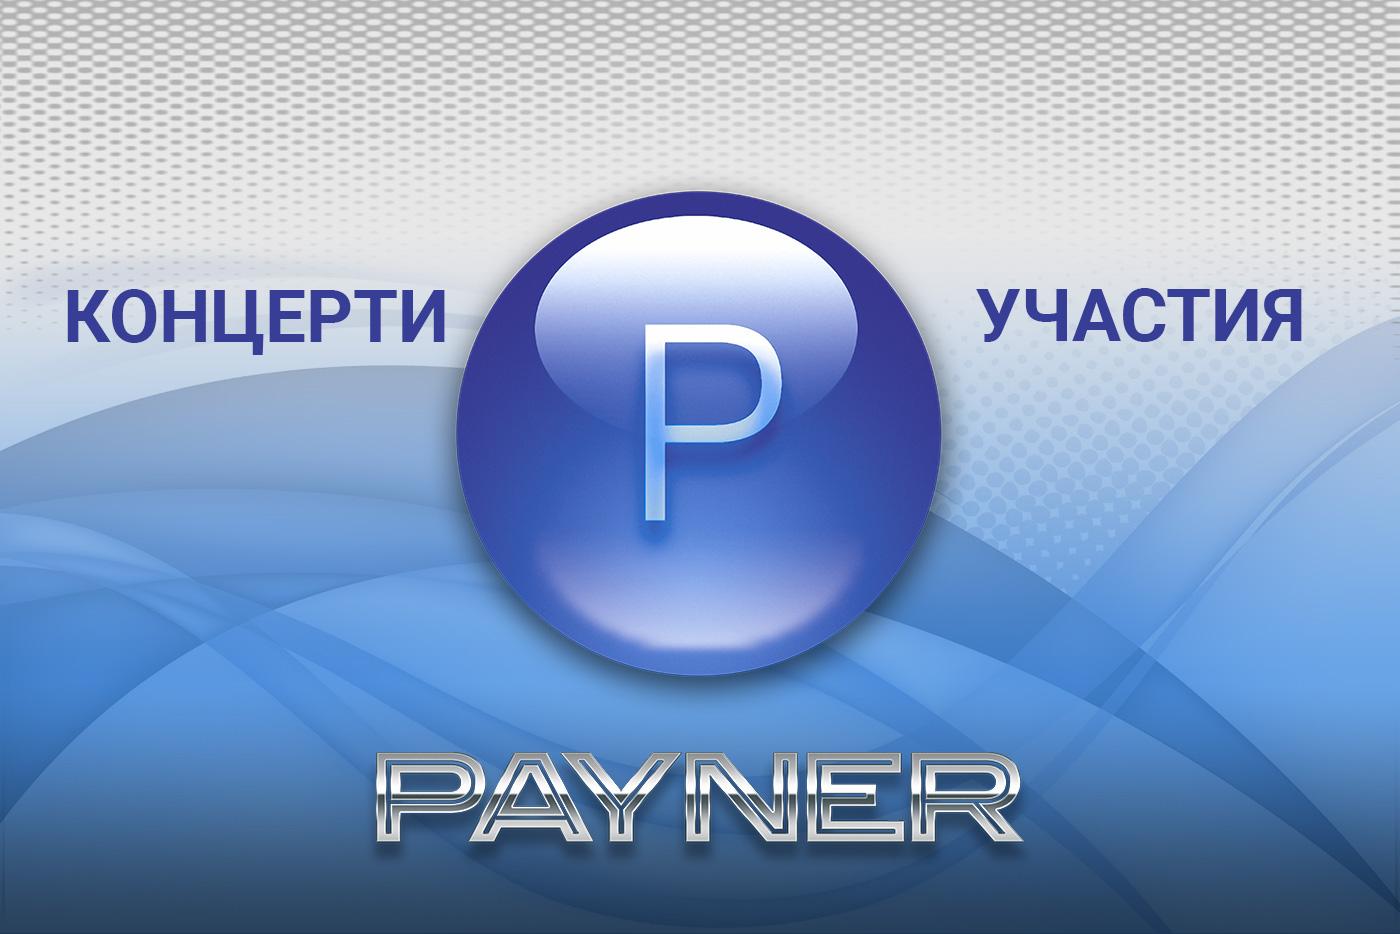 """Участия на звездите на """"Пайнер"""" на 07.10.2019"""